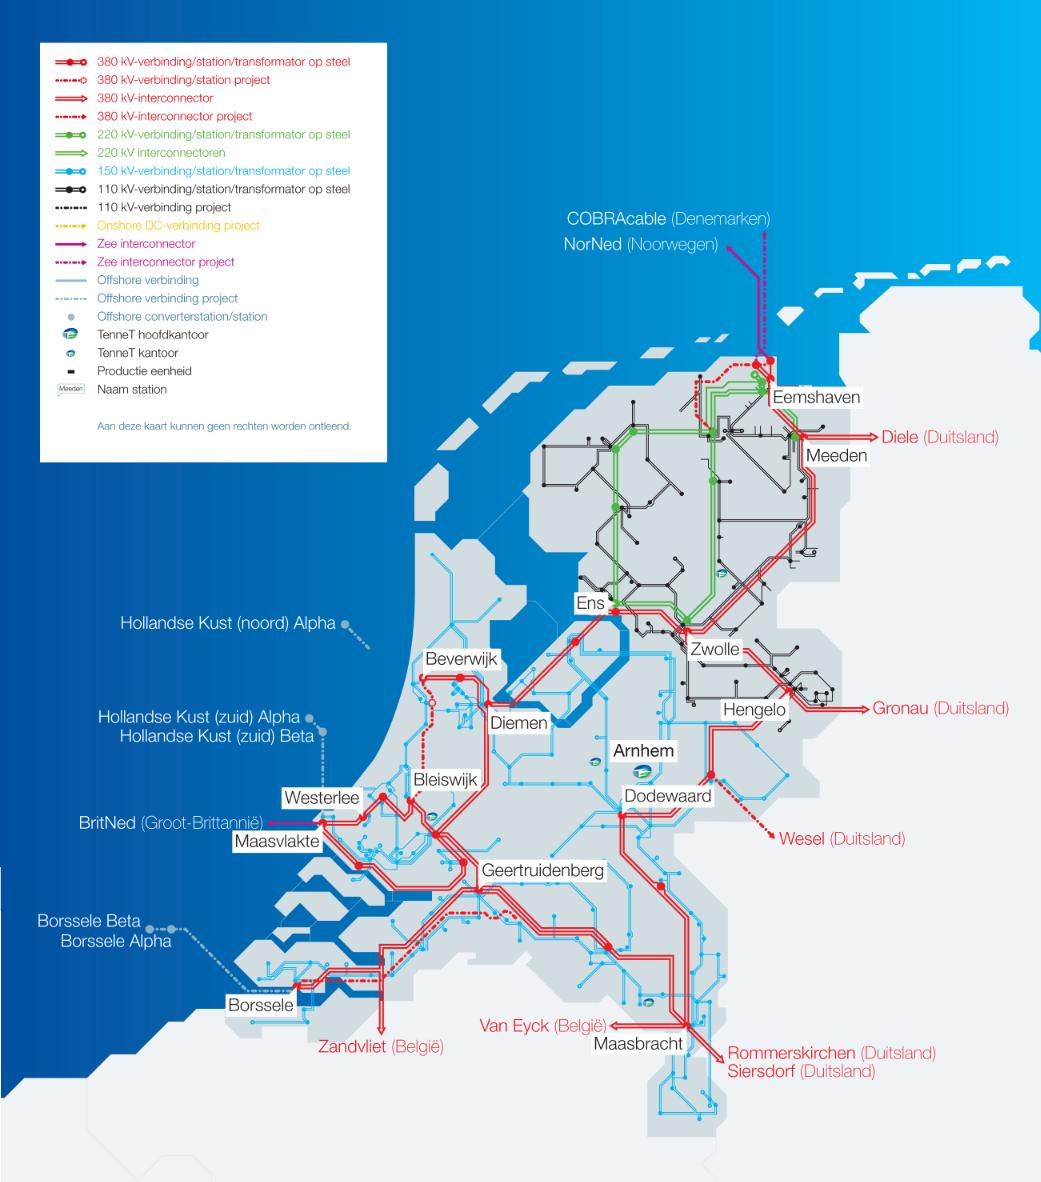 Netkaart van TenneT, zoals vrijgegegven door de netbeheerder op 01 maart 2017